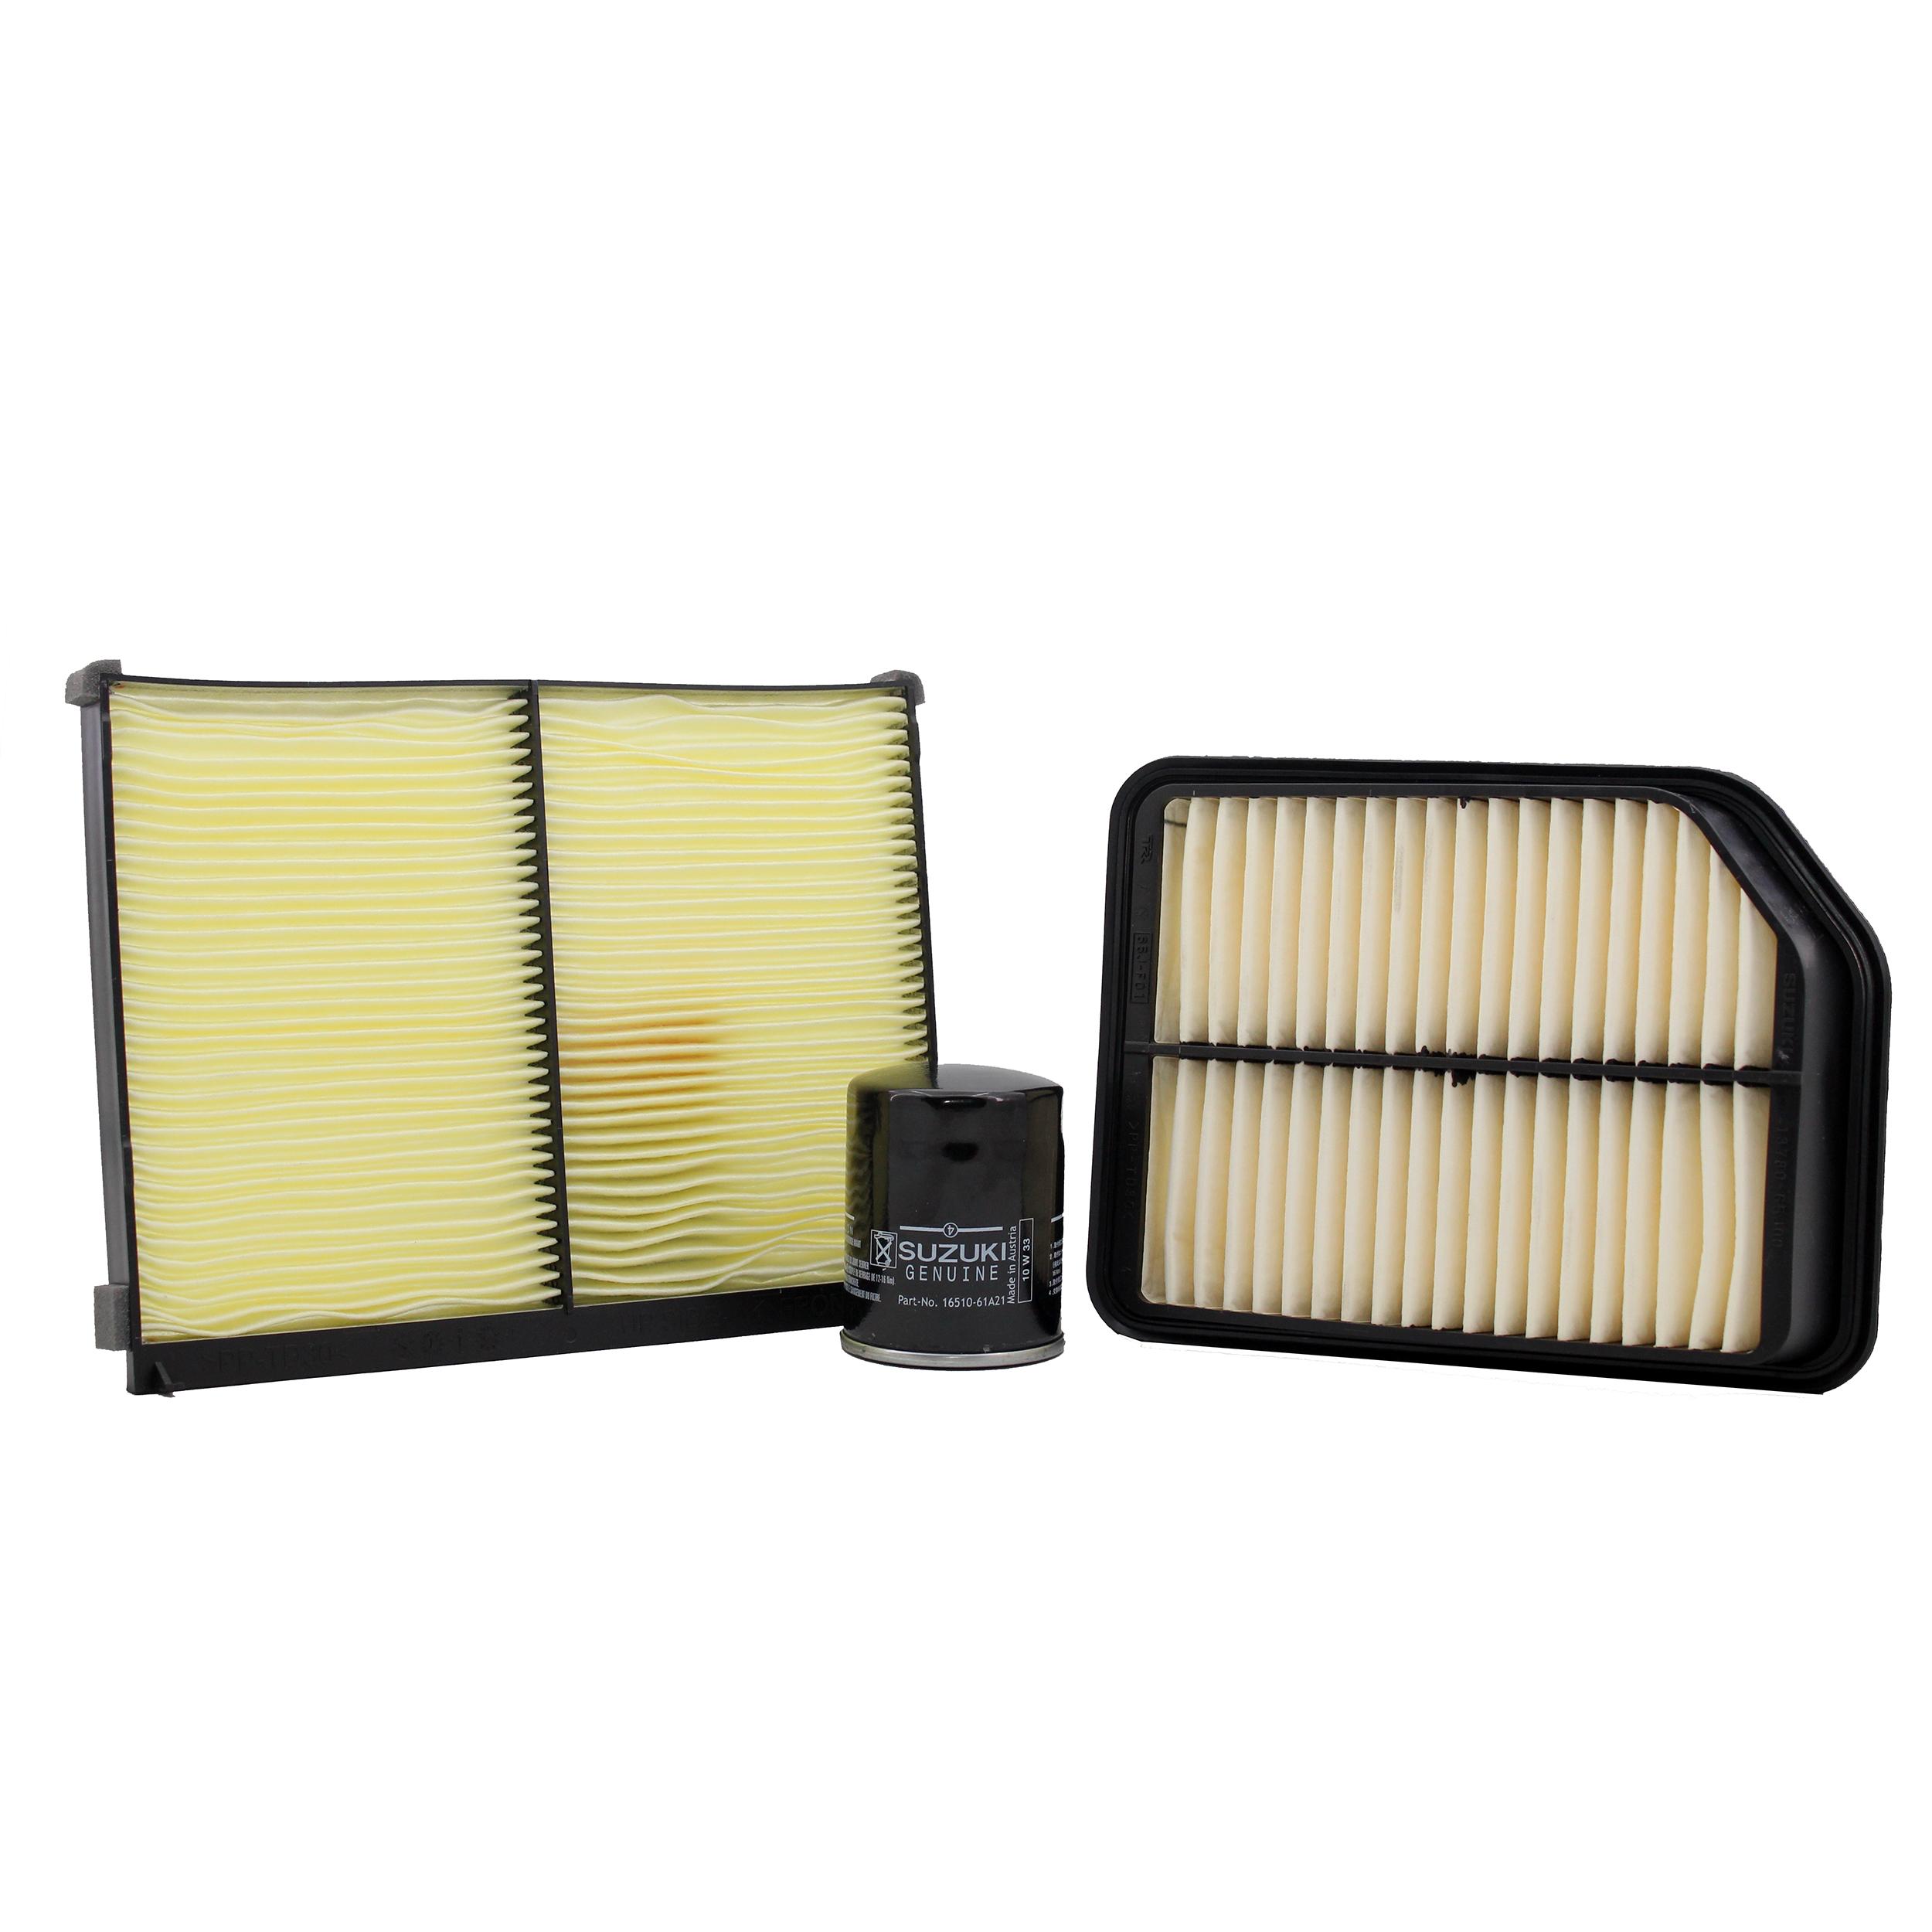 فیلتر روغن خودرو سوزوکی مدل 16510-61A21 مناسب برای سوزوکی گراند ویتارا  به همراه فیلتر هوا و فیلتر کابین